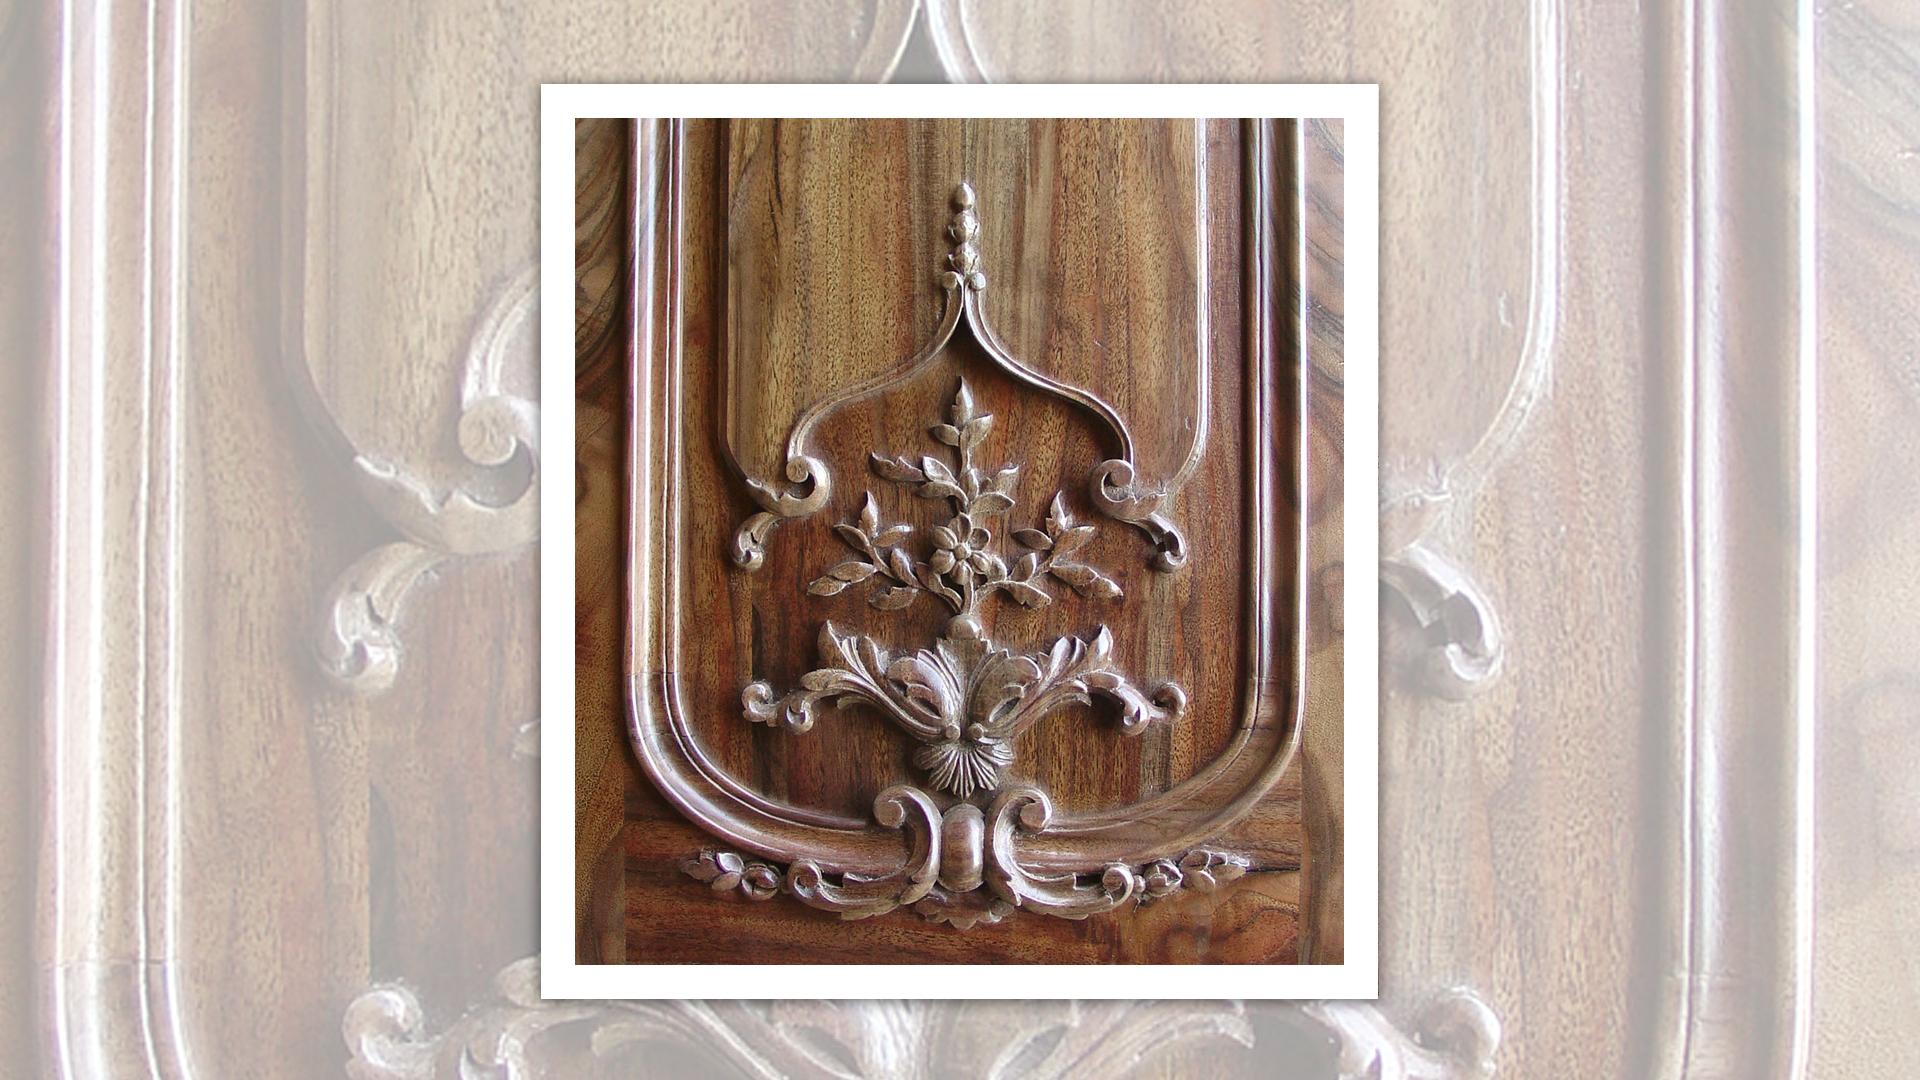 Boiserie Panel